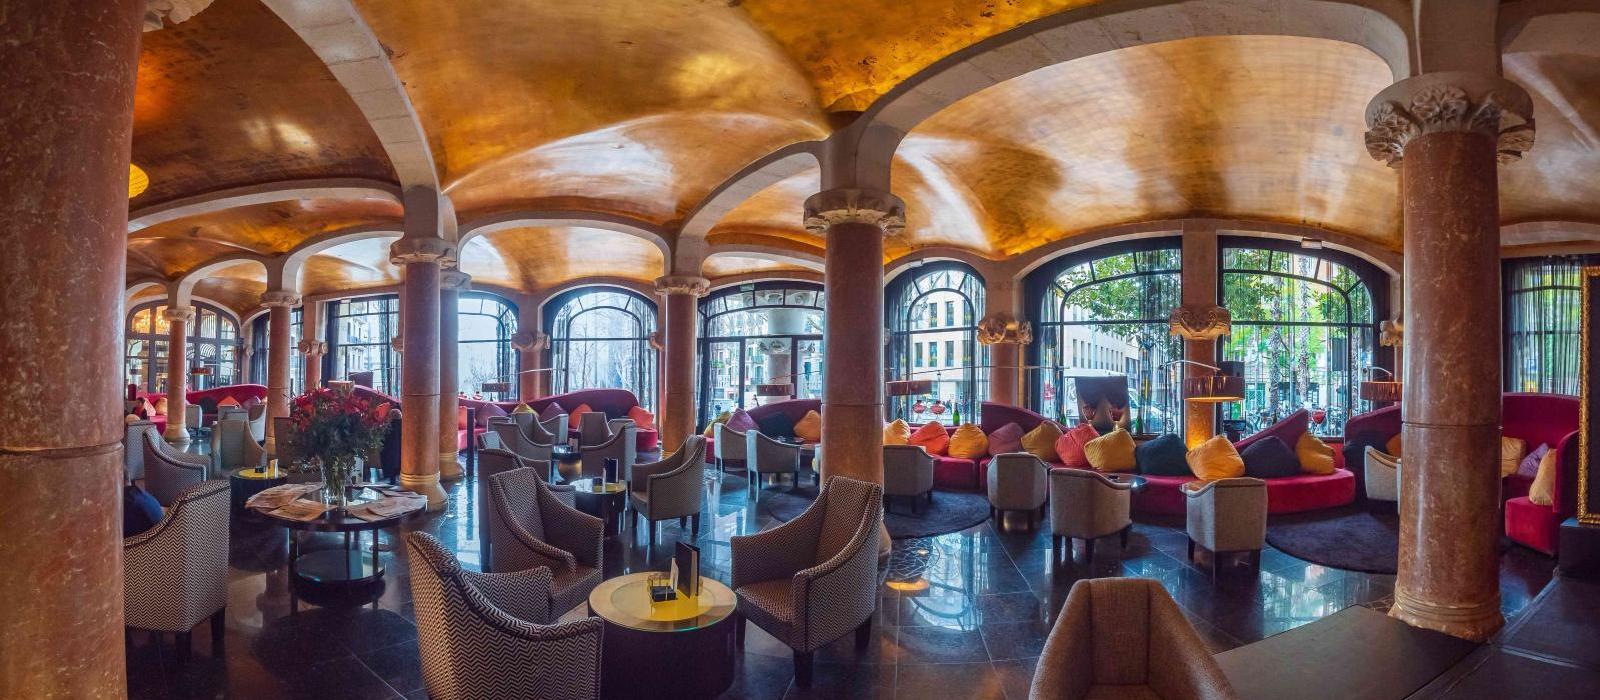 富诗之家酒店(Hotel Casa Fuster)【 巴塞罗那,西班牙】 酒店  sbzyxjw.safe27.net